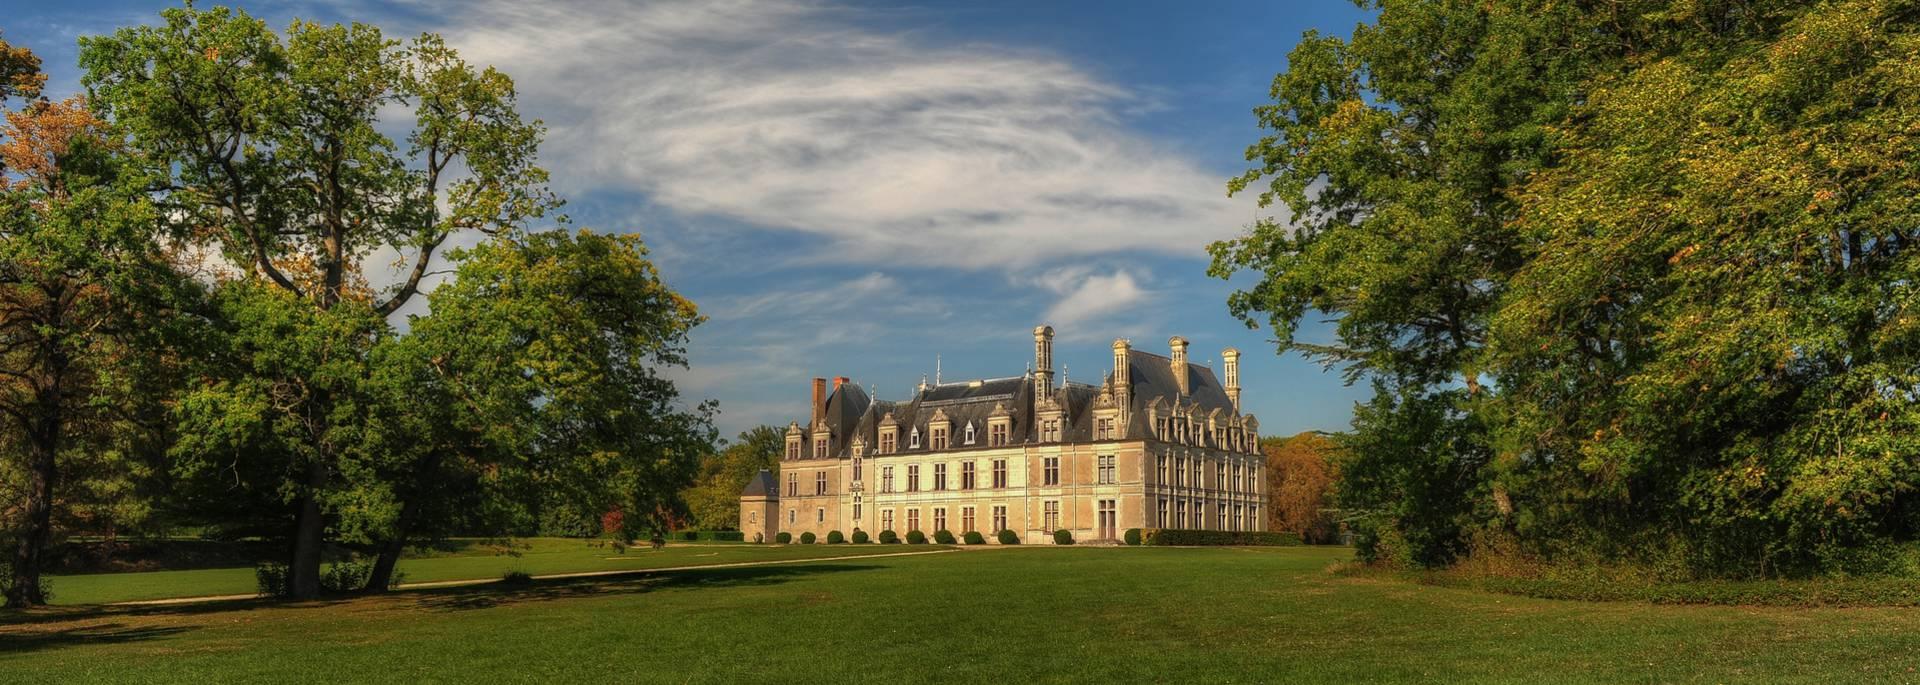 The grounds of the Château de Beauregard